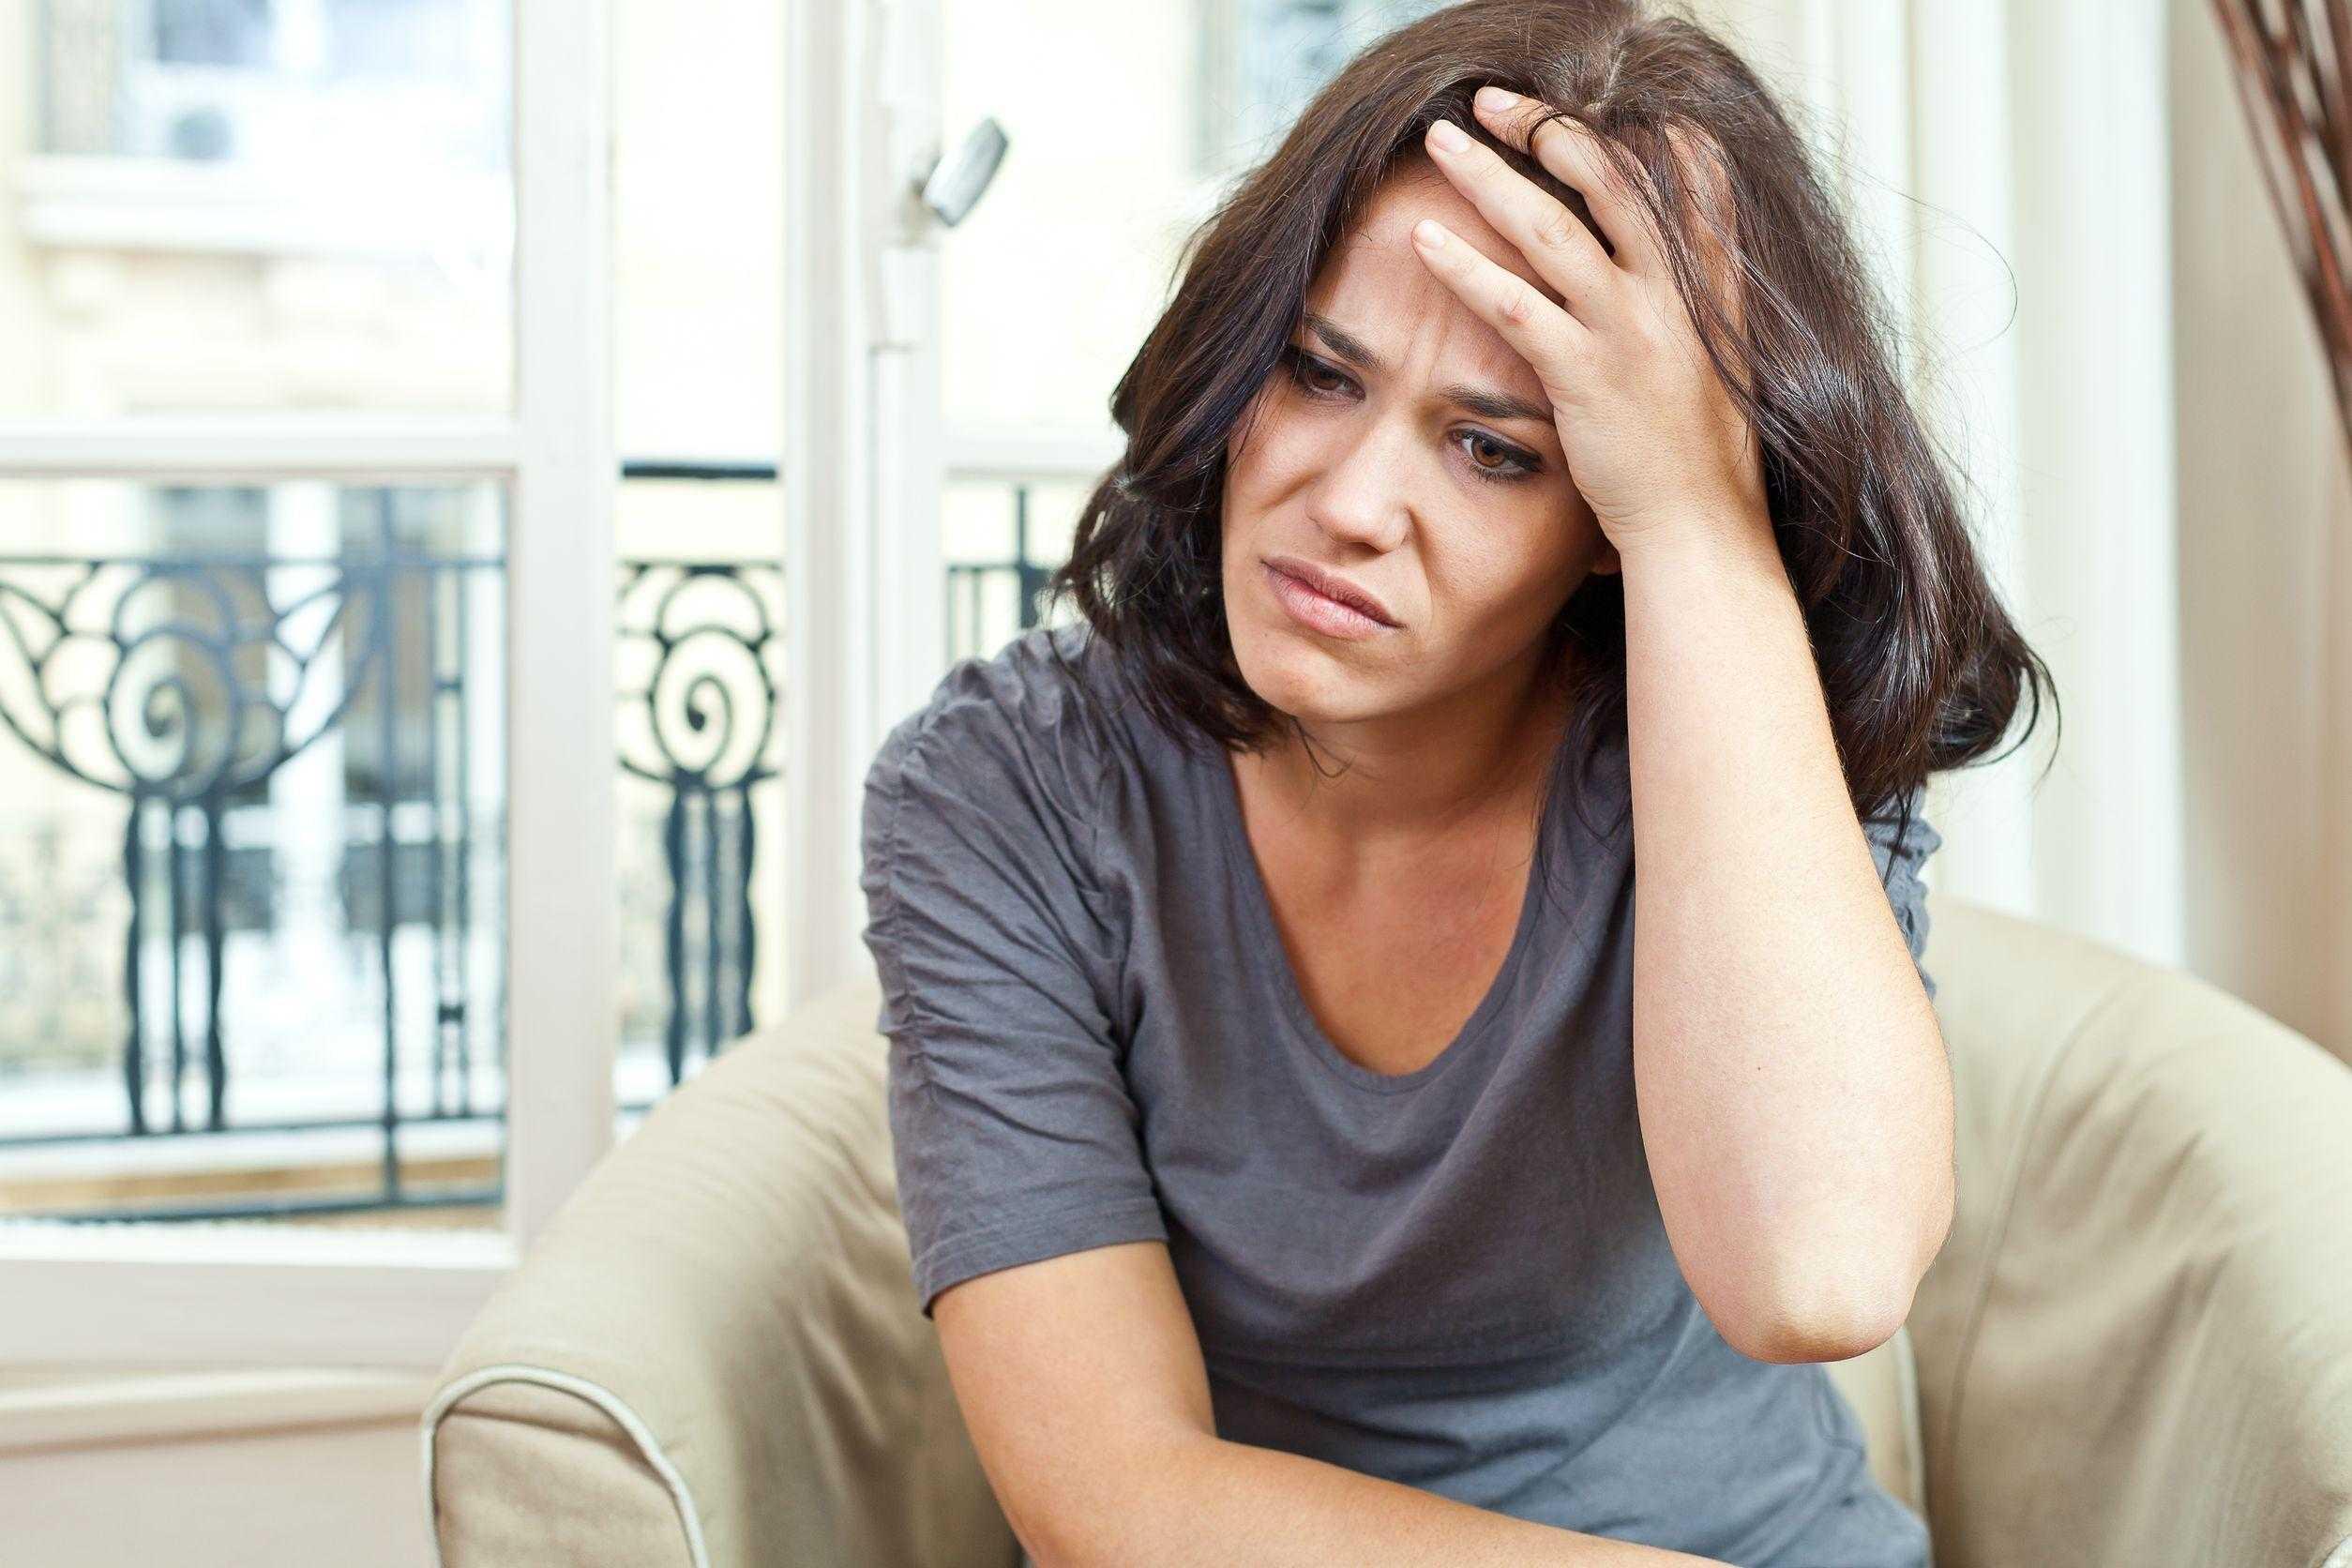 Panik Atak Hakkında Bilinmesi Gereken 7 Şey